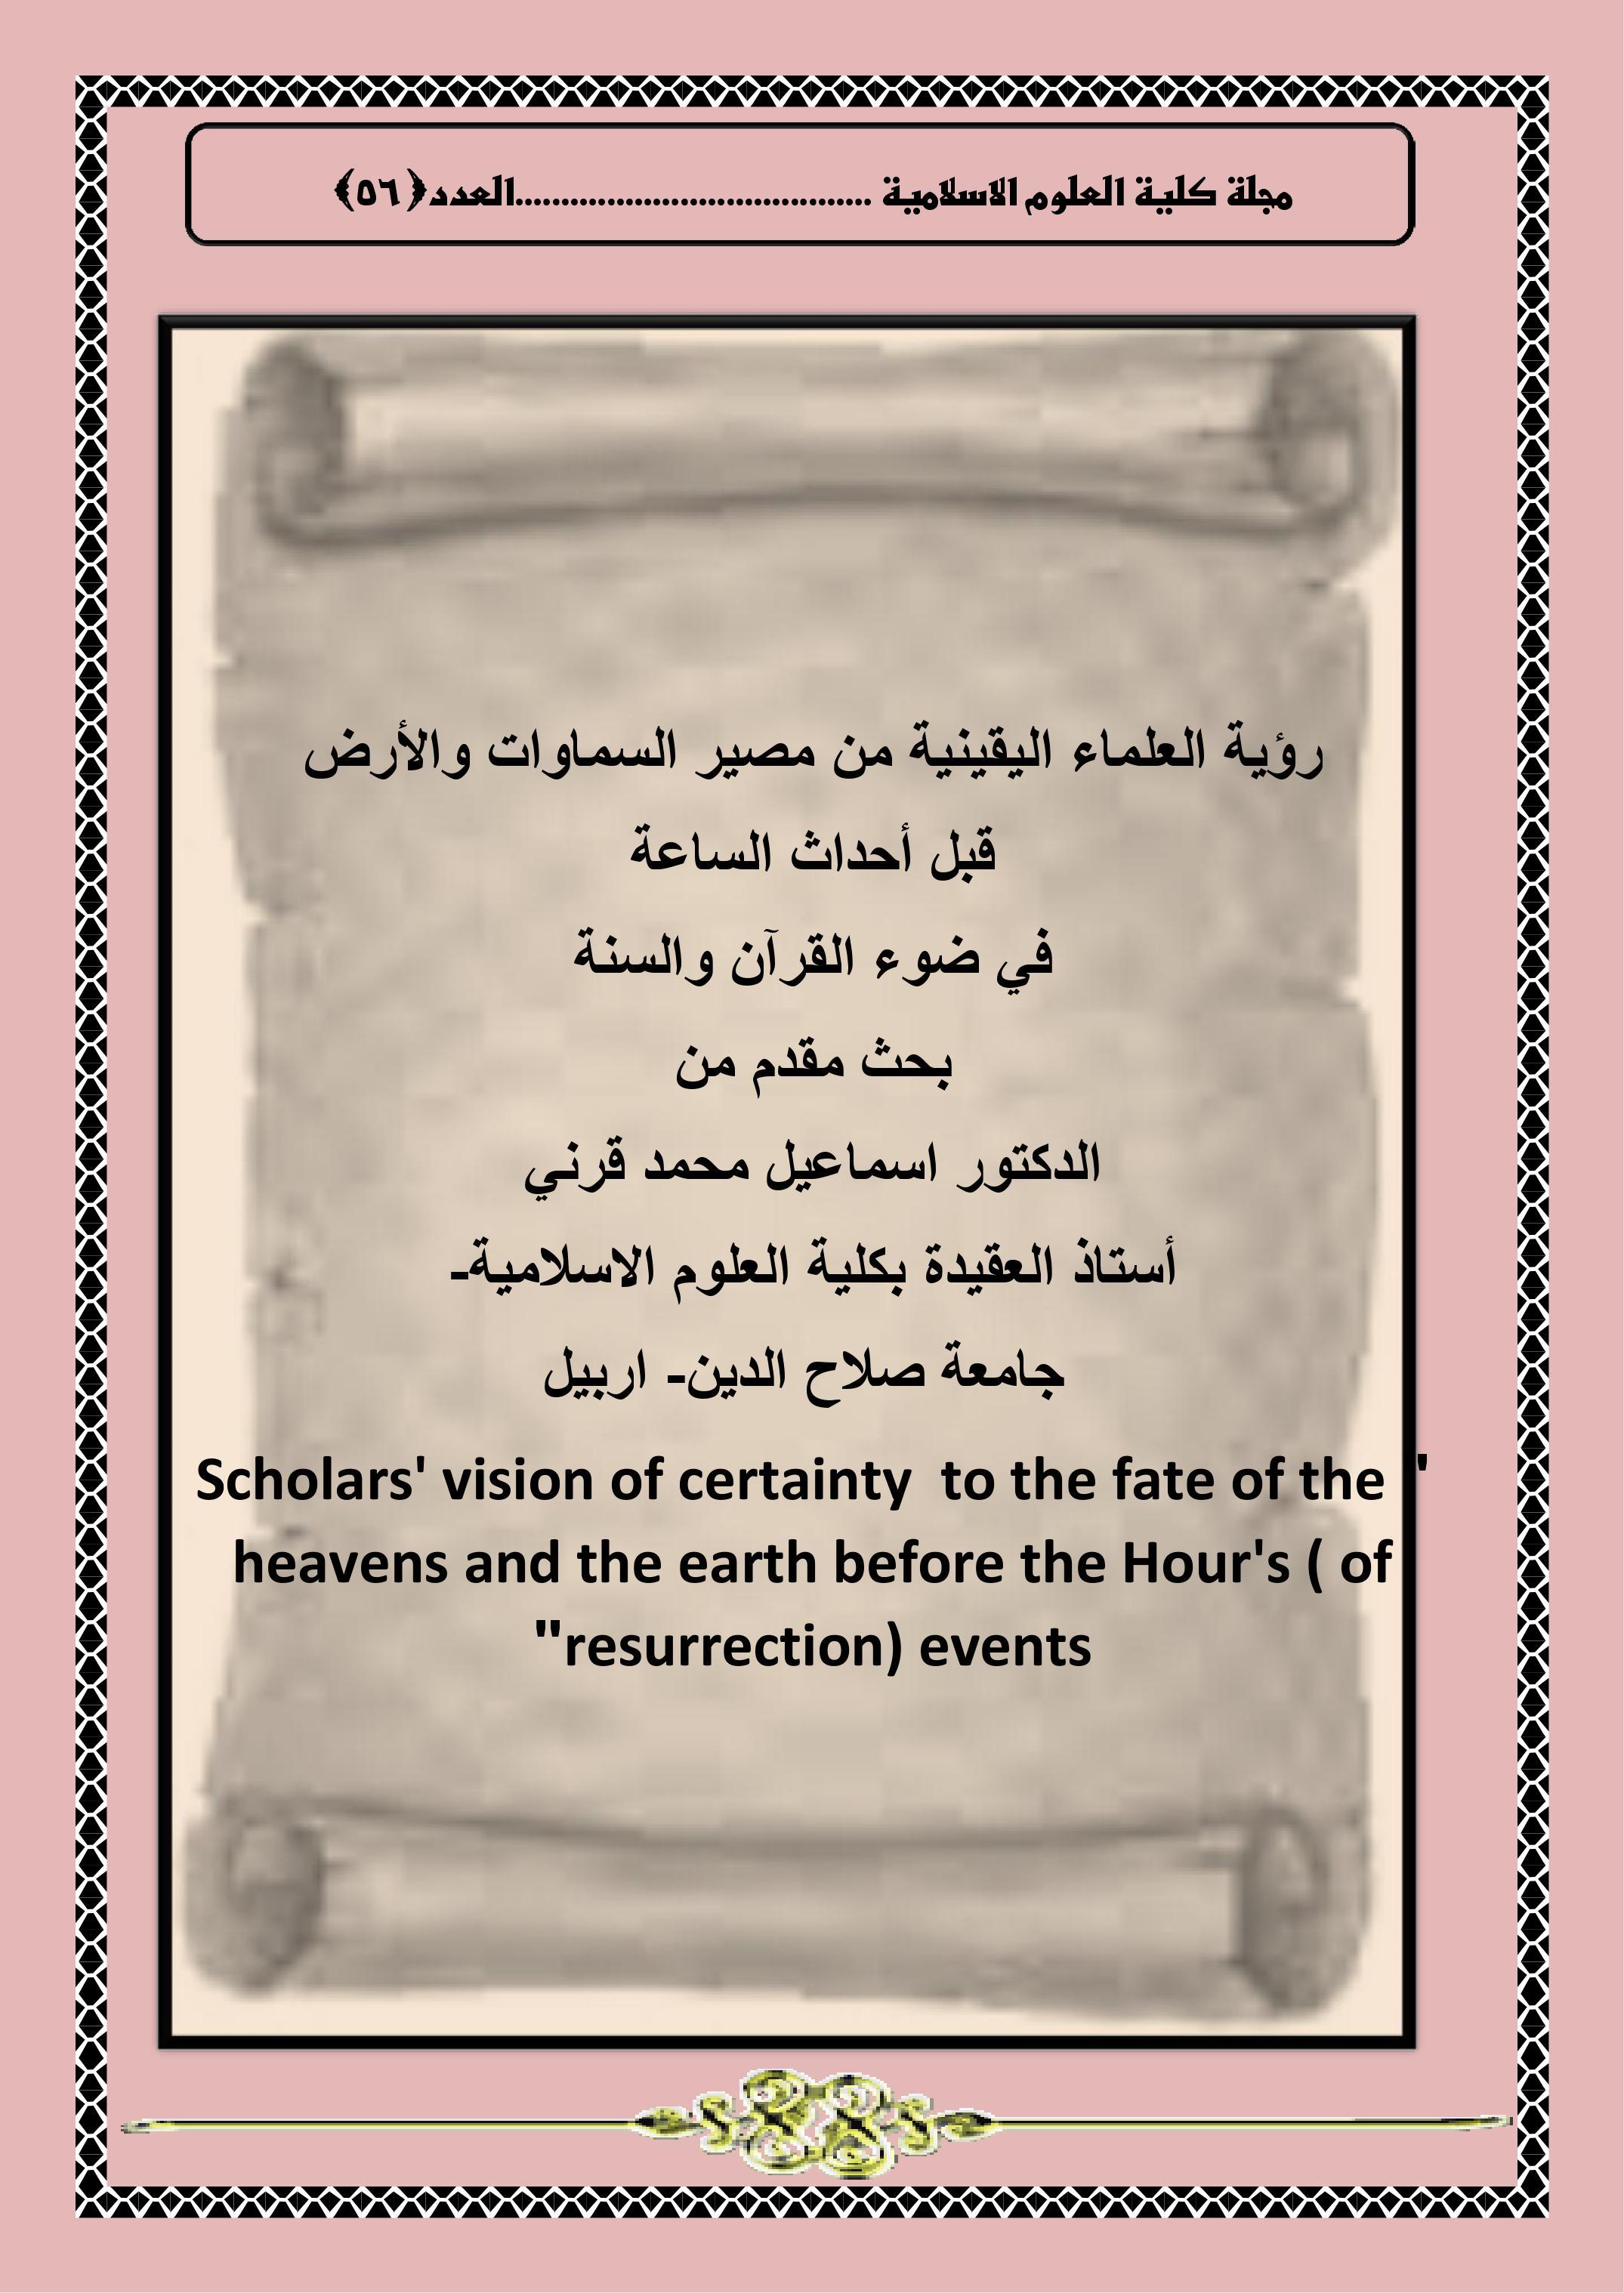 رؤية العلماء اليقينية من مصير السماوات والأرض قبل أحداث الساعة في ضوء القرآن والسنة